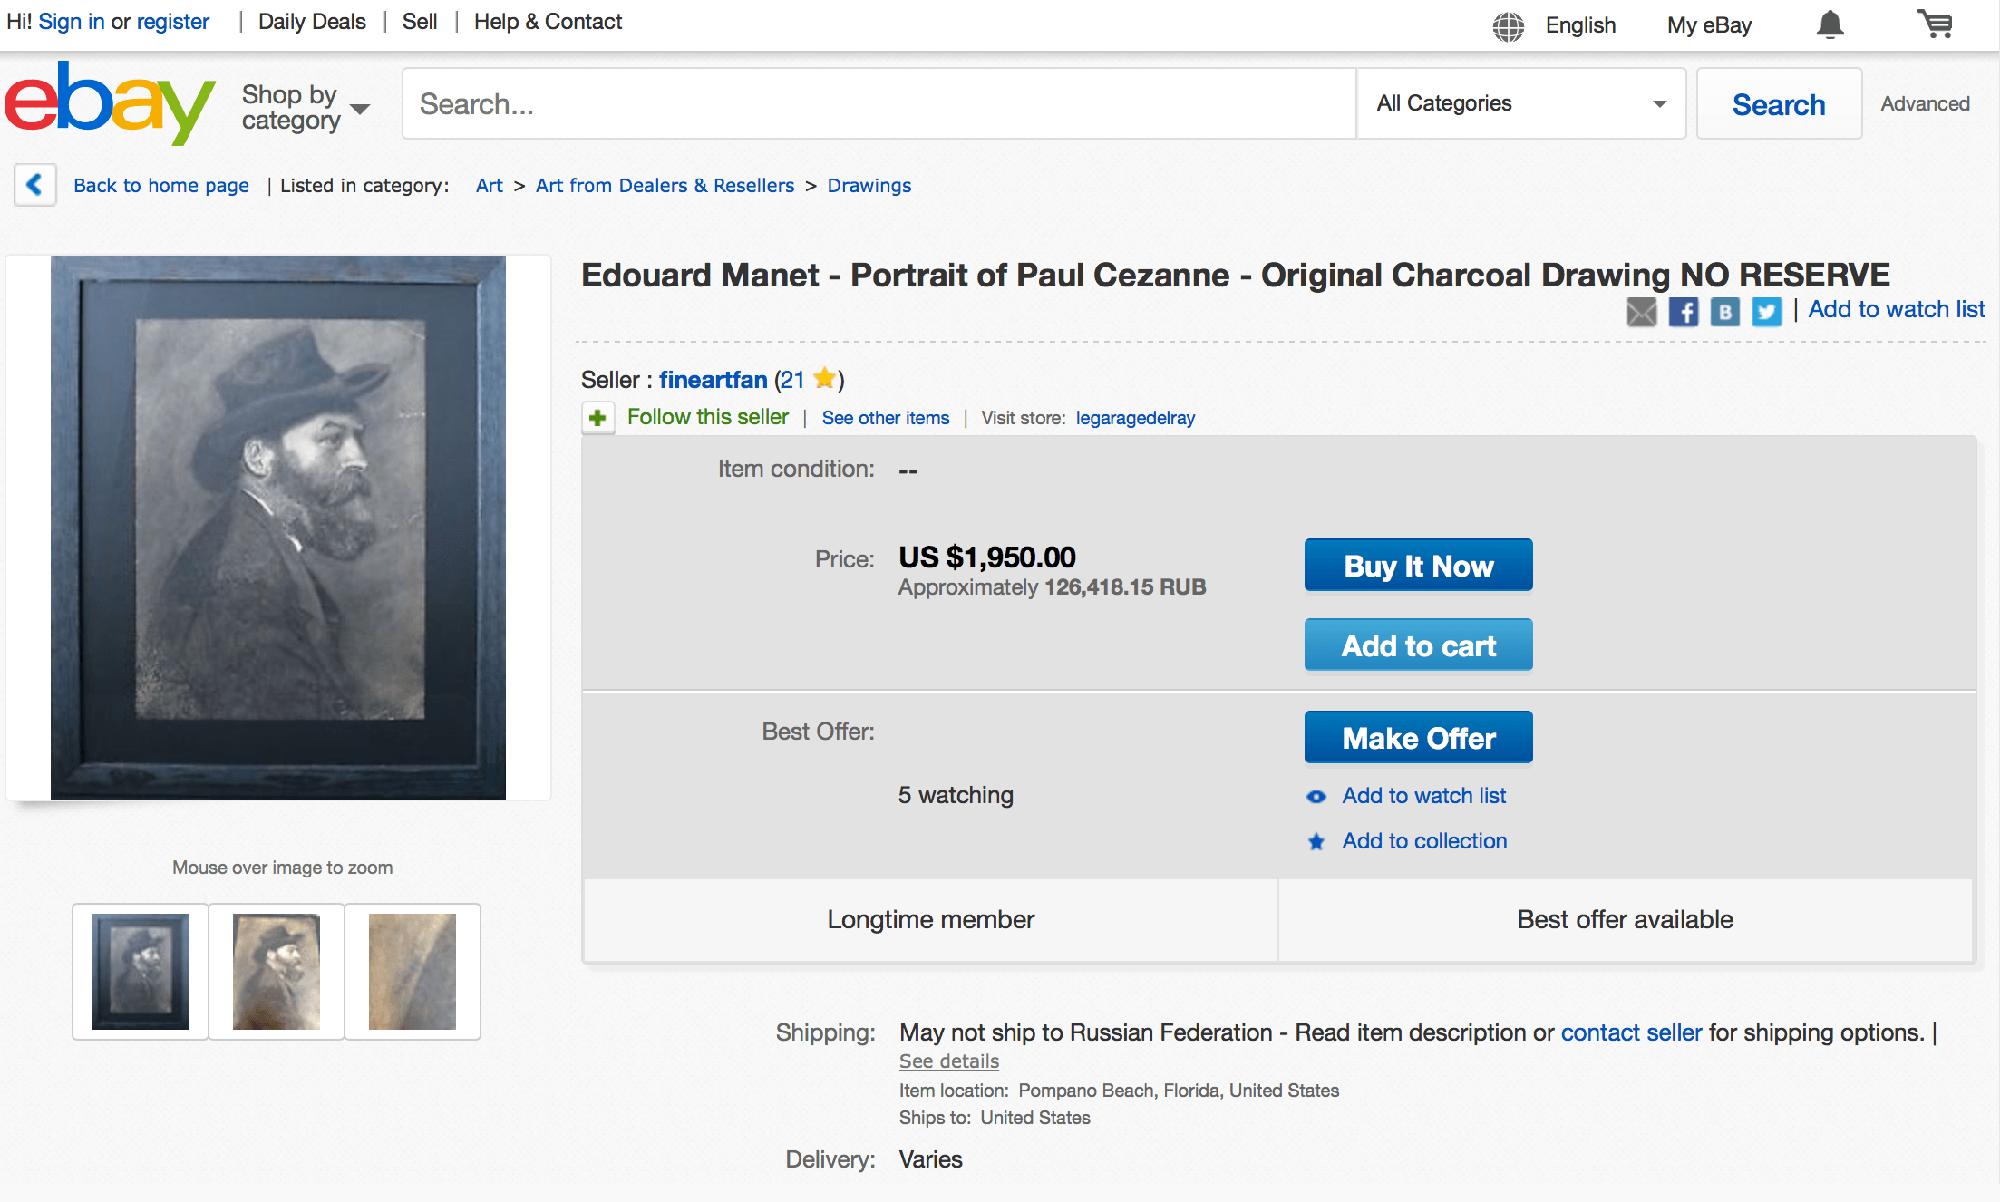 Специалисту не нужно даже держать в руках эту работу, чтобы определить, что это не Мане: изображение похоже на литографию, но в описании указано, что это рисунок углём. Цена для Мане странная — его графика стоит сотни тысяч долларов